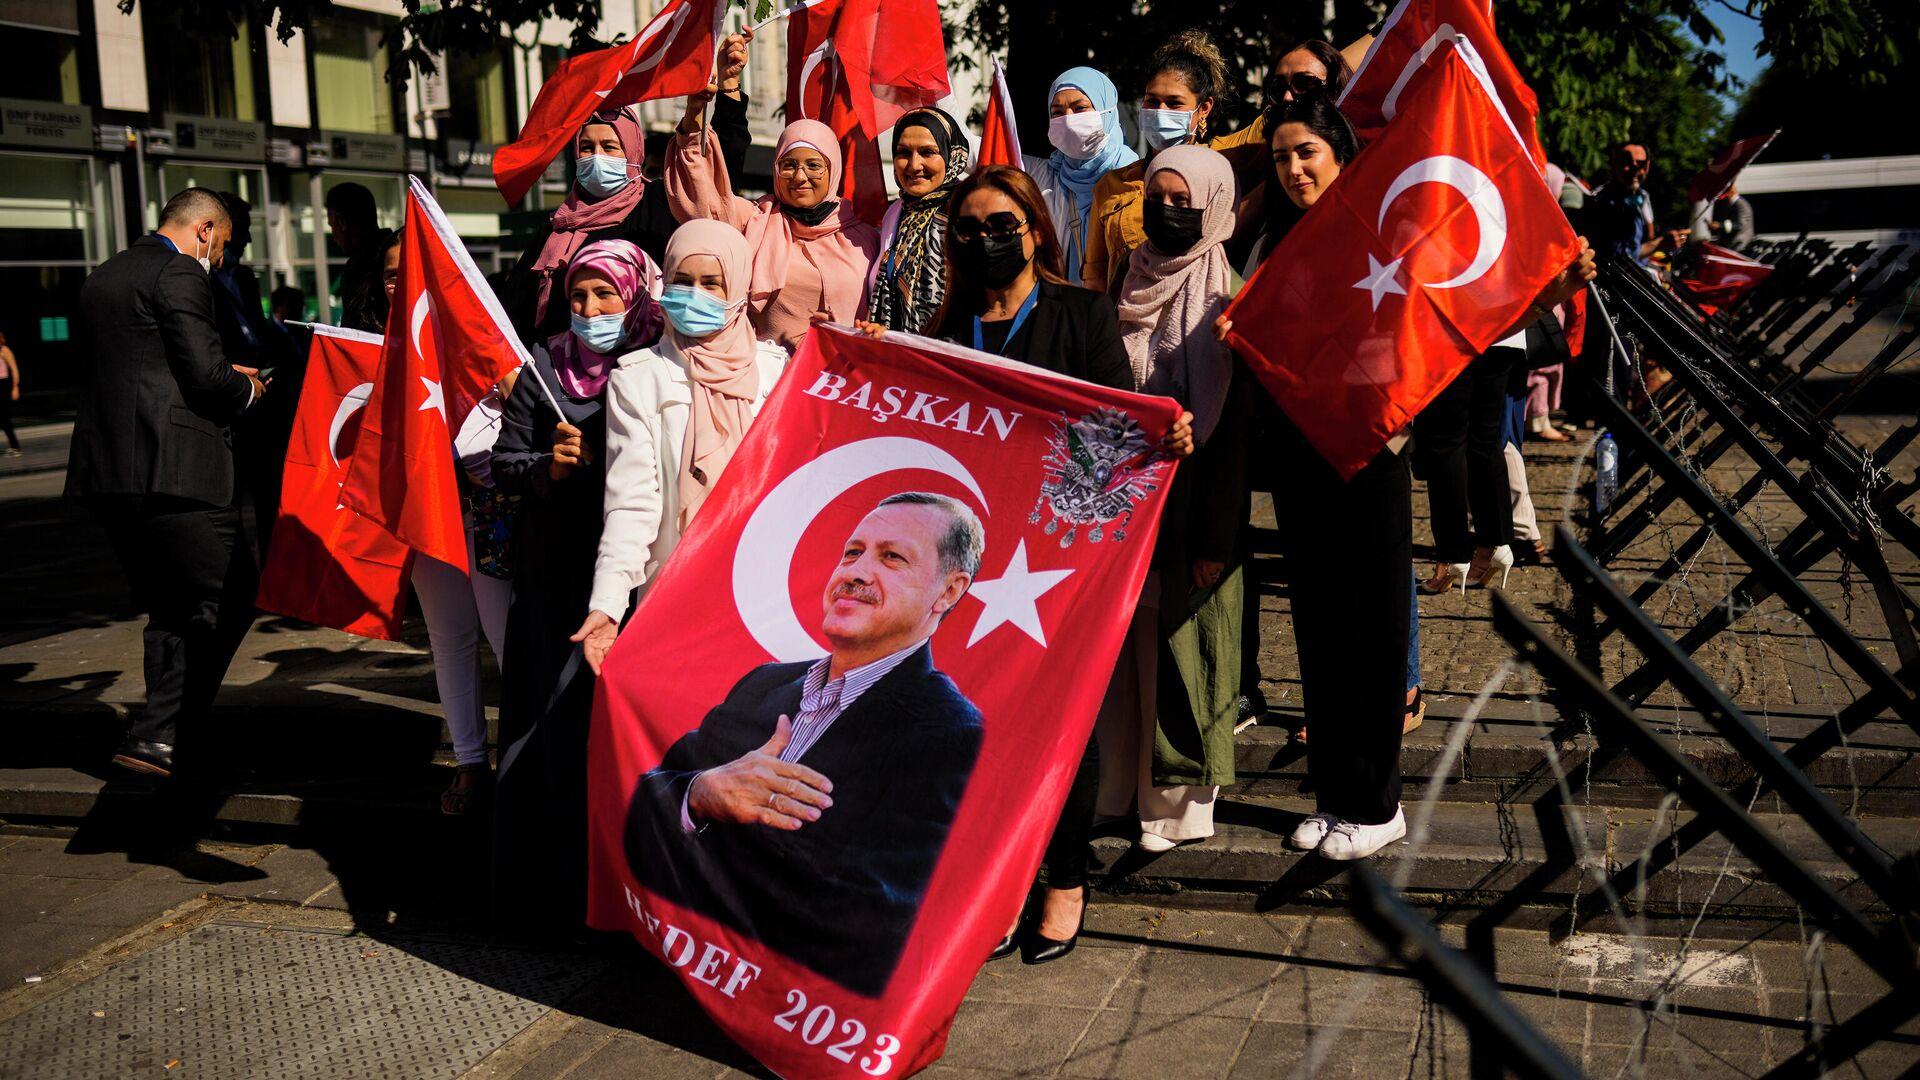 Сторонники президента Турции ожидают прибытия Реджепа Тайипа Эрдогана на саммит НАТО в Брюсселе - РИА Новости, 1920, 24.06.2021